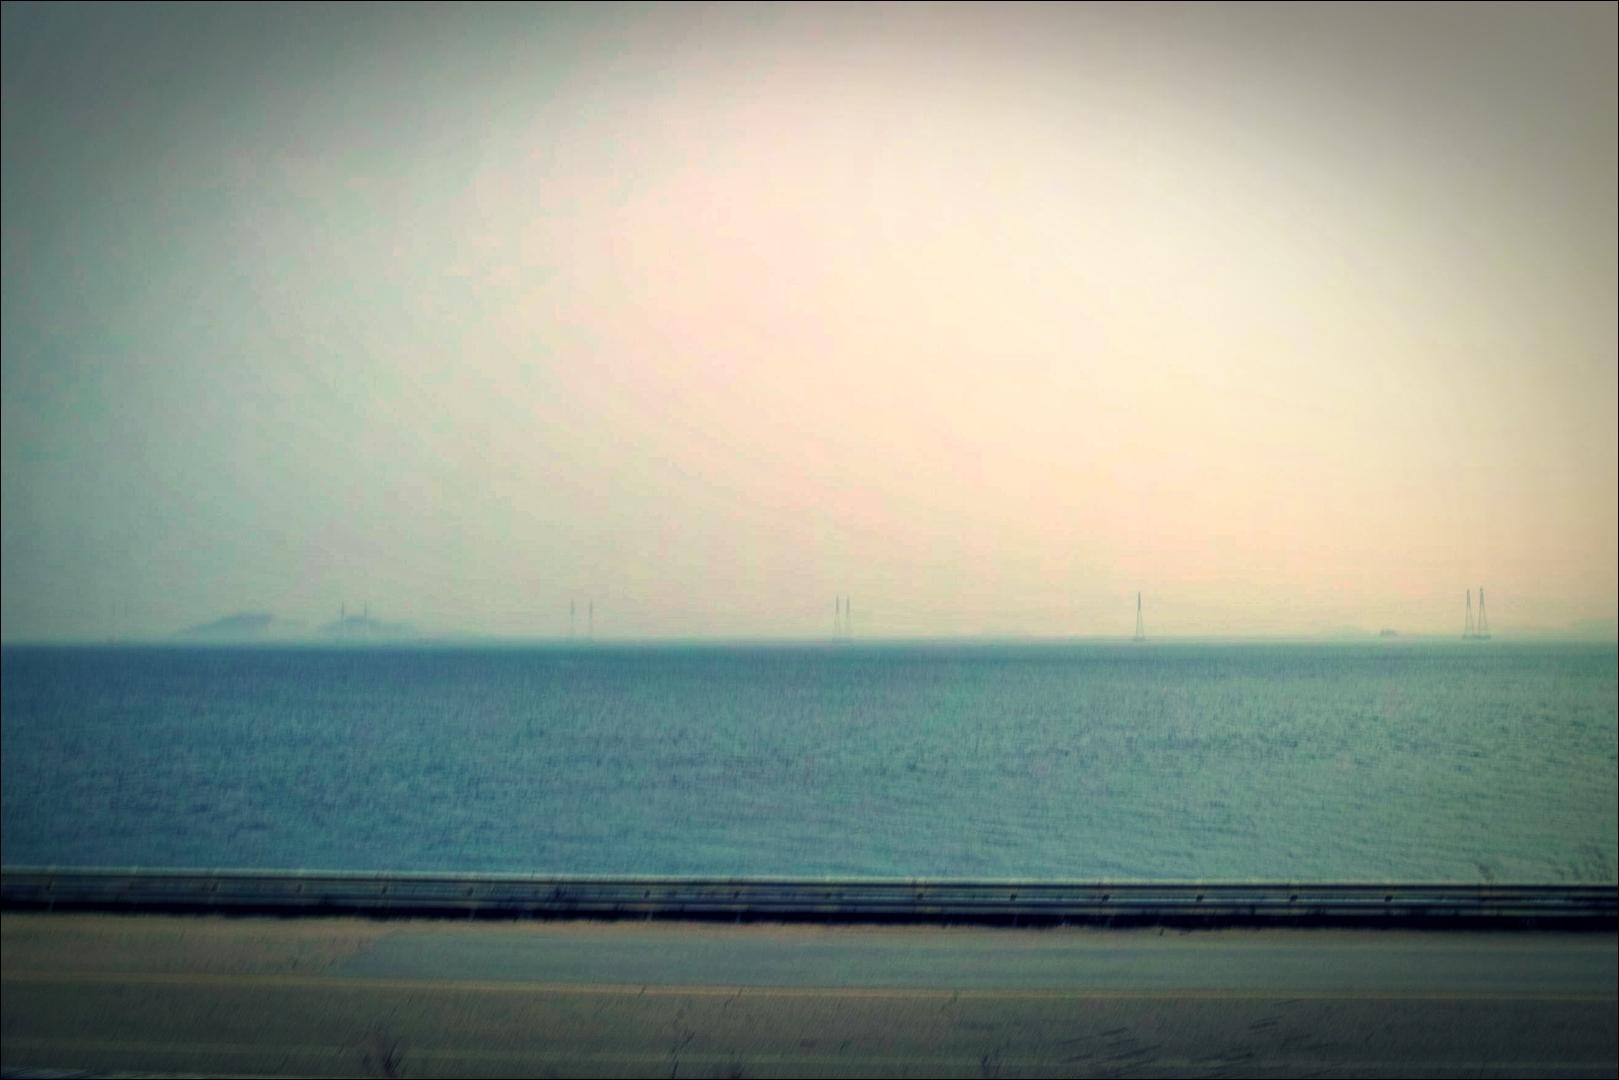 넓은 길-'오이도에서 시화방조제 자전거 주행정보(Sihwa tide embankment)'